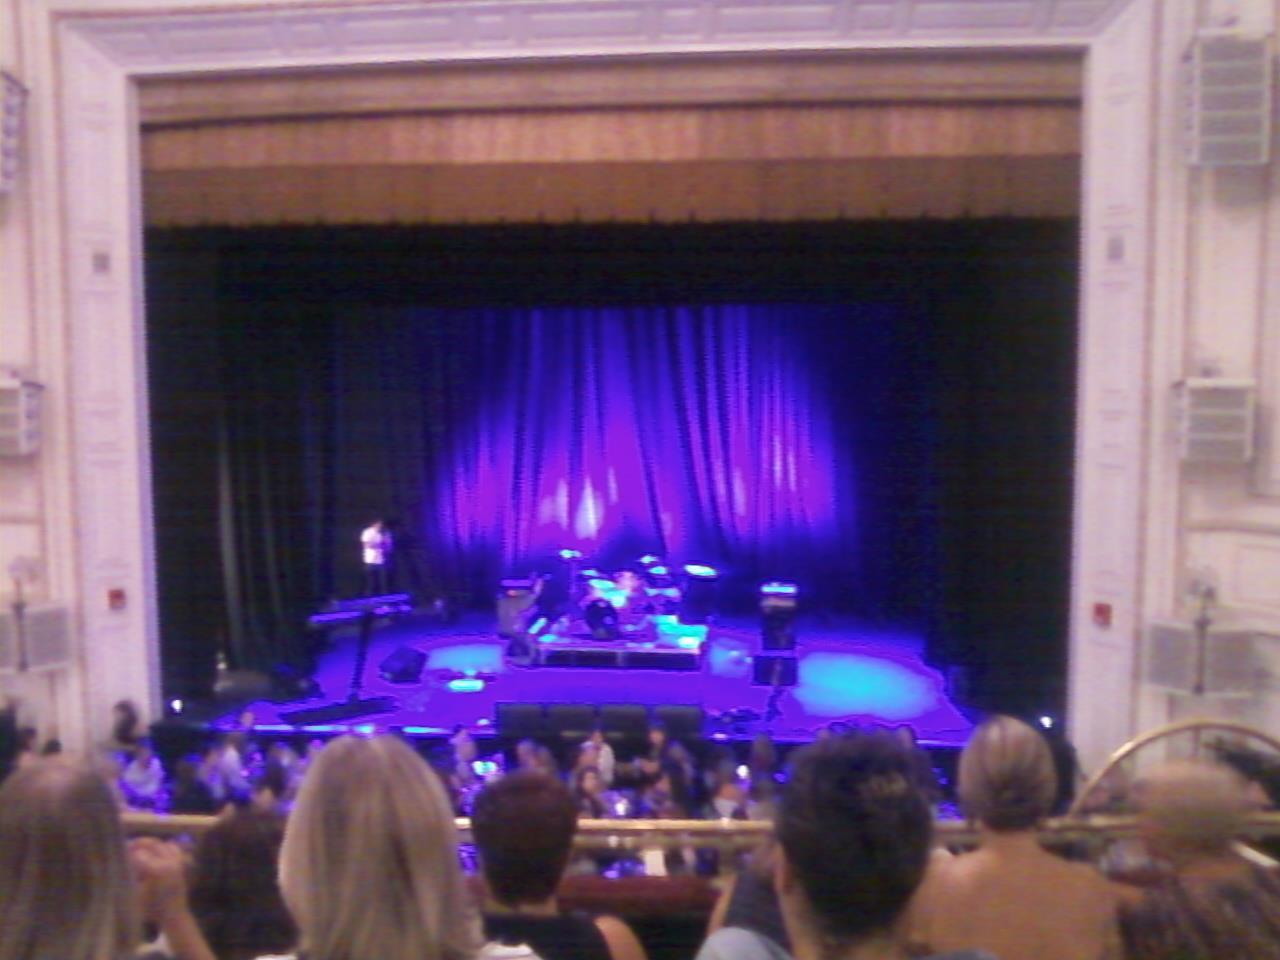 Wilbur Theatre Section Mezzanine Row E Seat 103